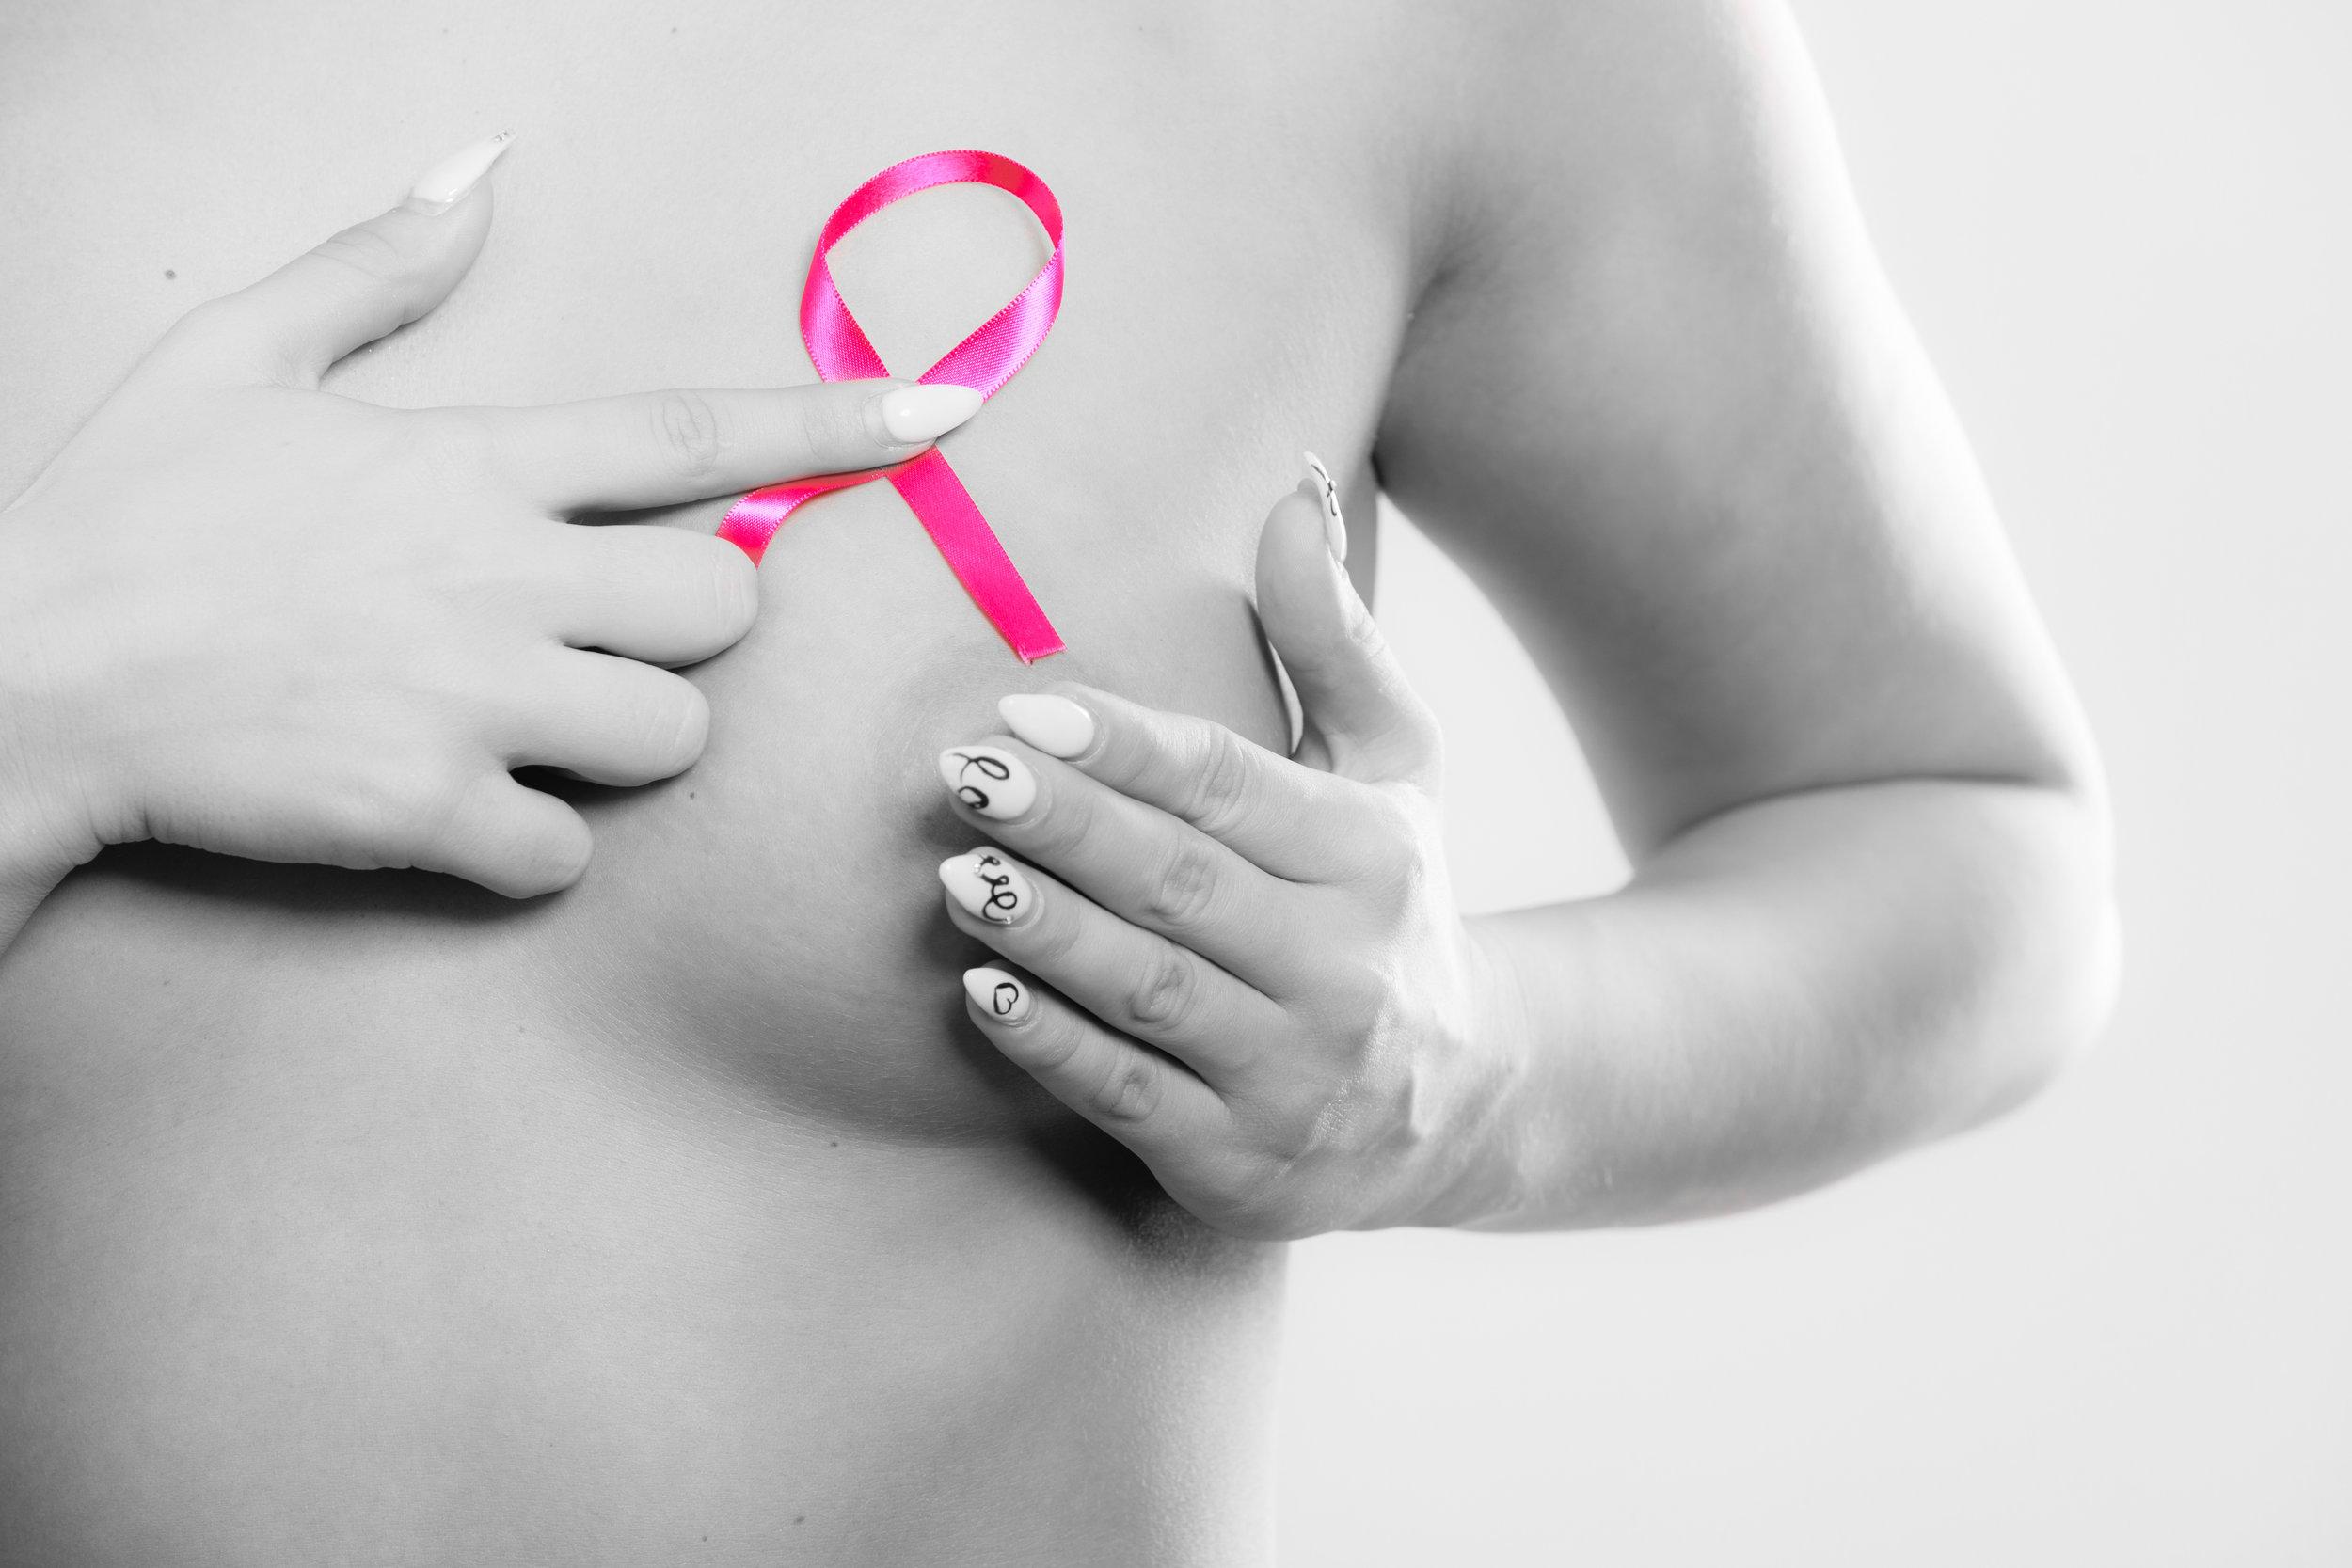 Plus besoin de mammographie! - Introduction d'un test génétique pour toutes les femmes pour savoir si elles sont porteuses du gène BRCA 1 et BRCA 2 .